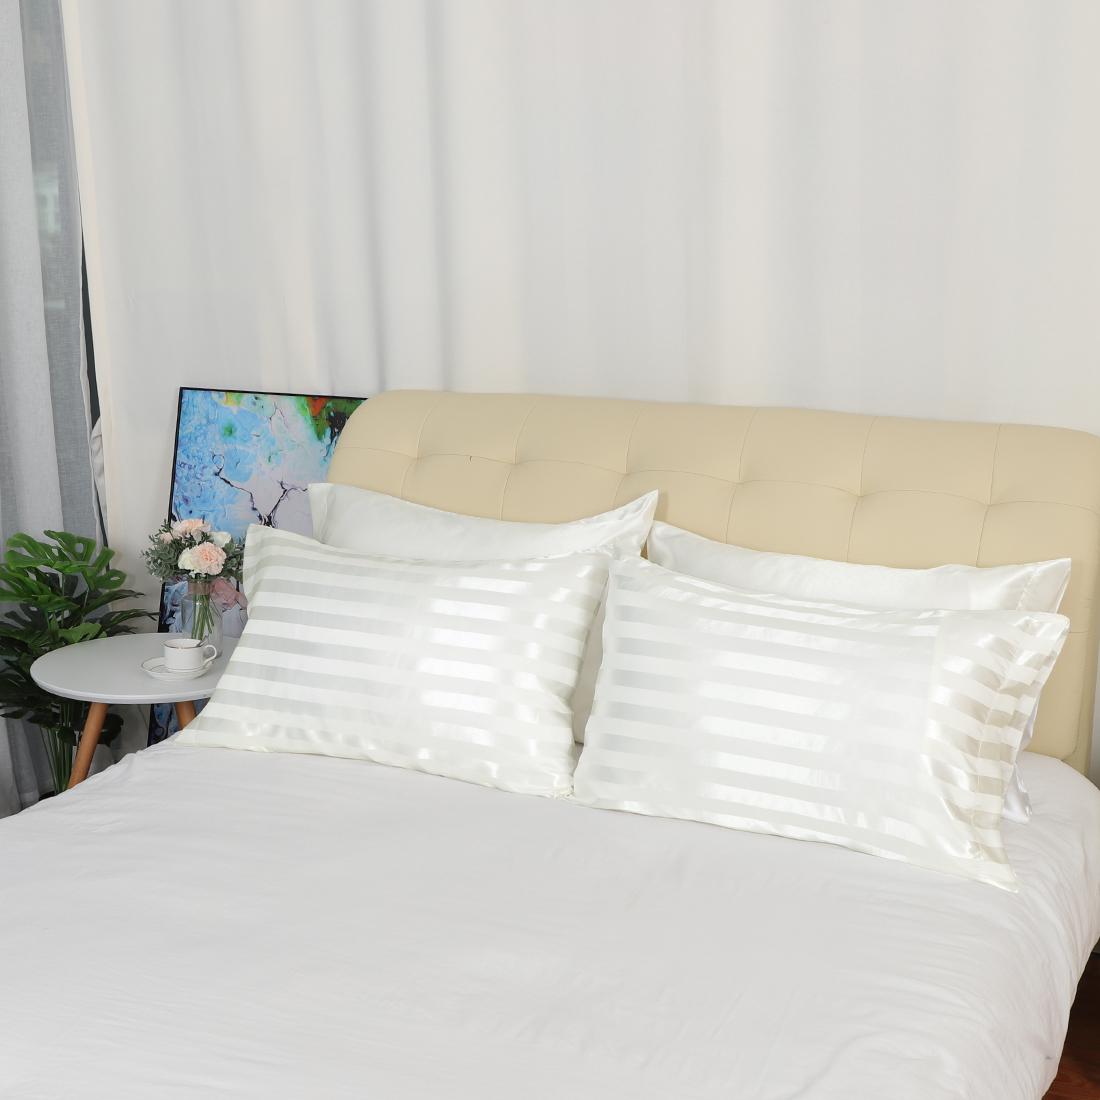 4-piezas-de-suave-saten-funda-de-almohada-mejor-para-el-cabello-y-cara-Estandar-fundas-de-almohada miniatura 14